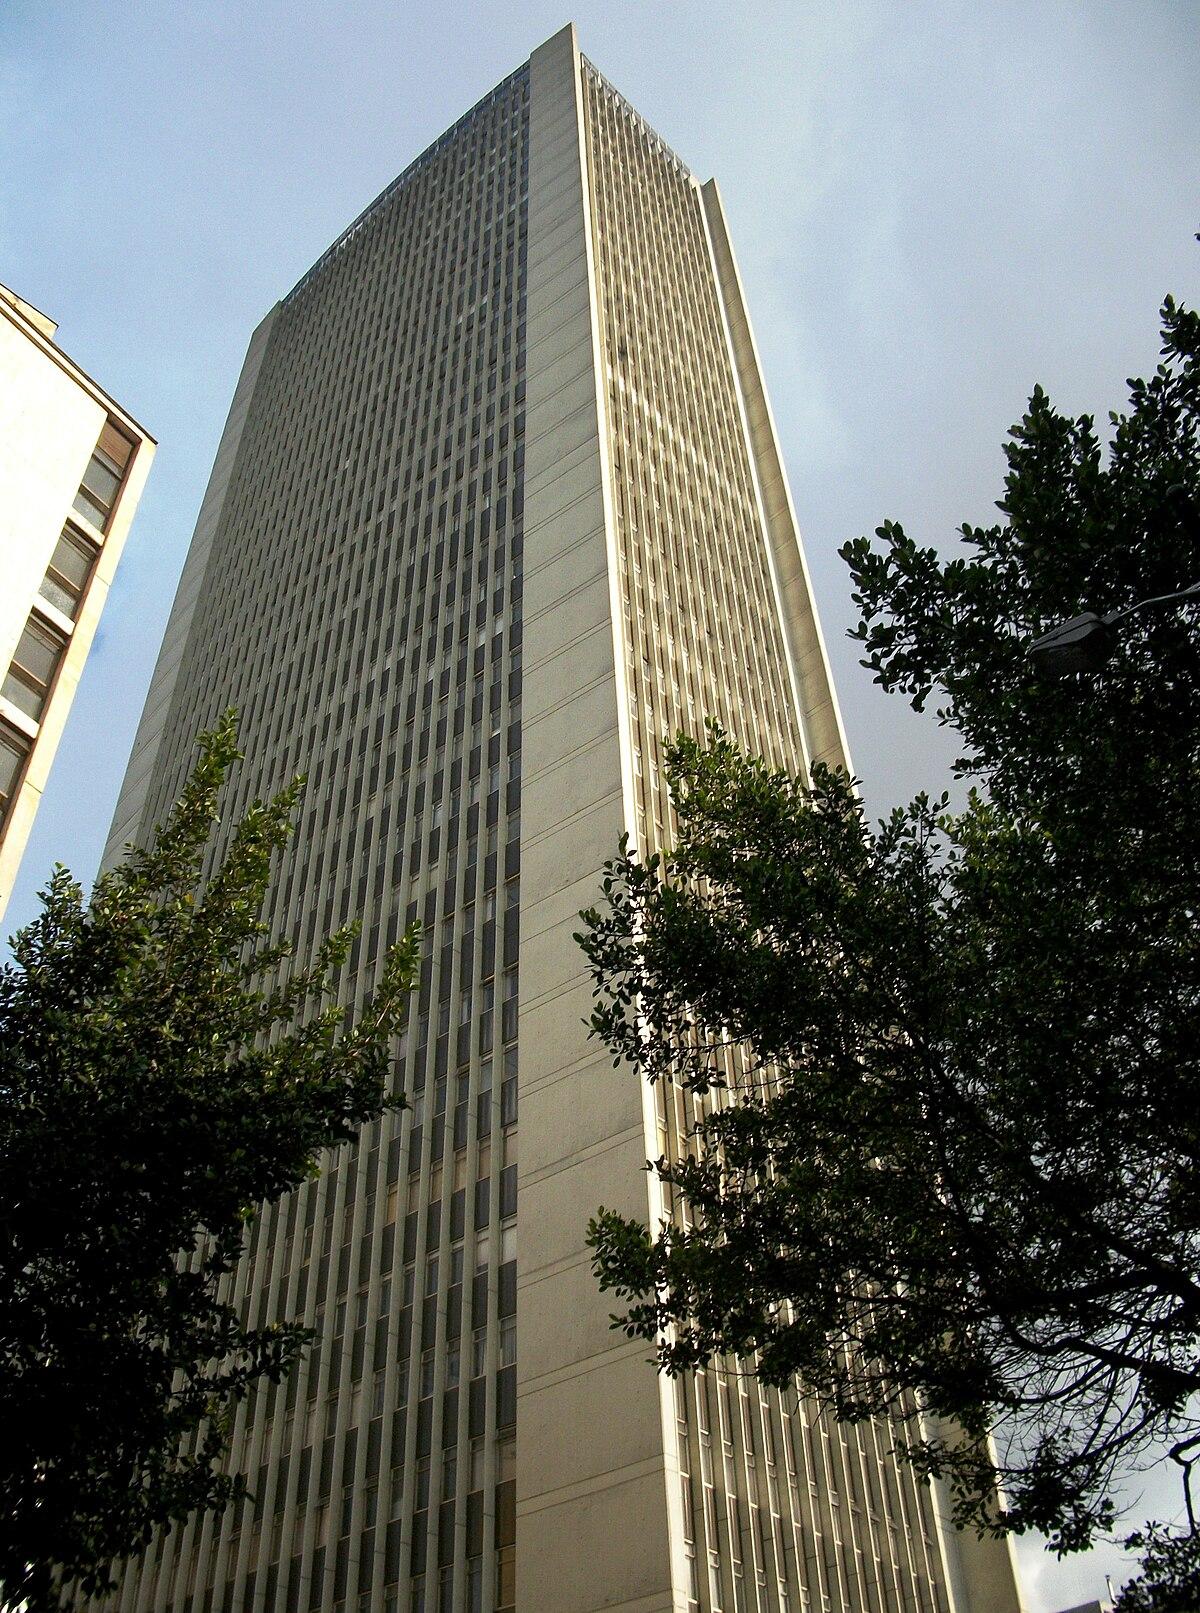 Germ n samper gnecco wikipedia la enciclopedia libre for Estudios de arquitectura bogota